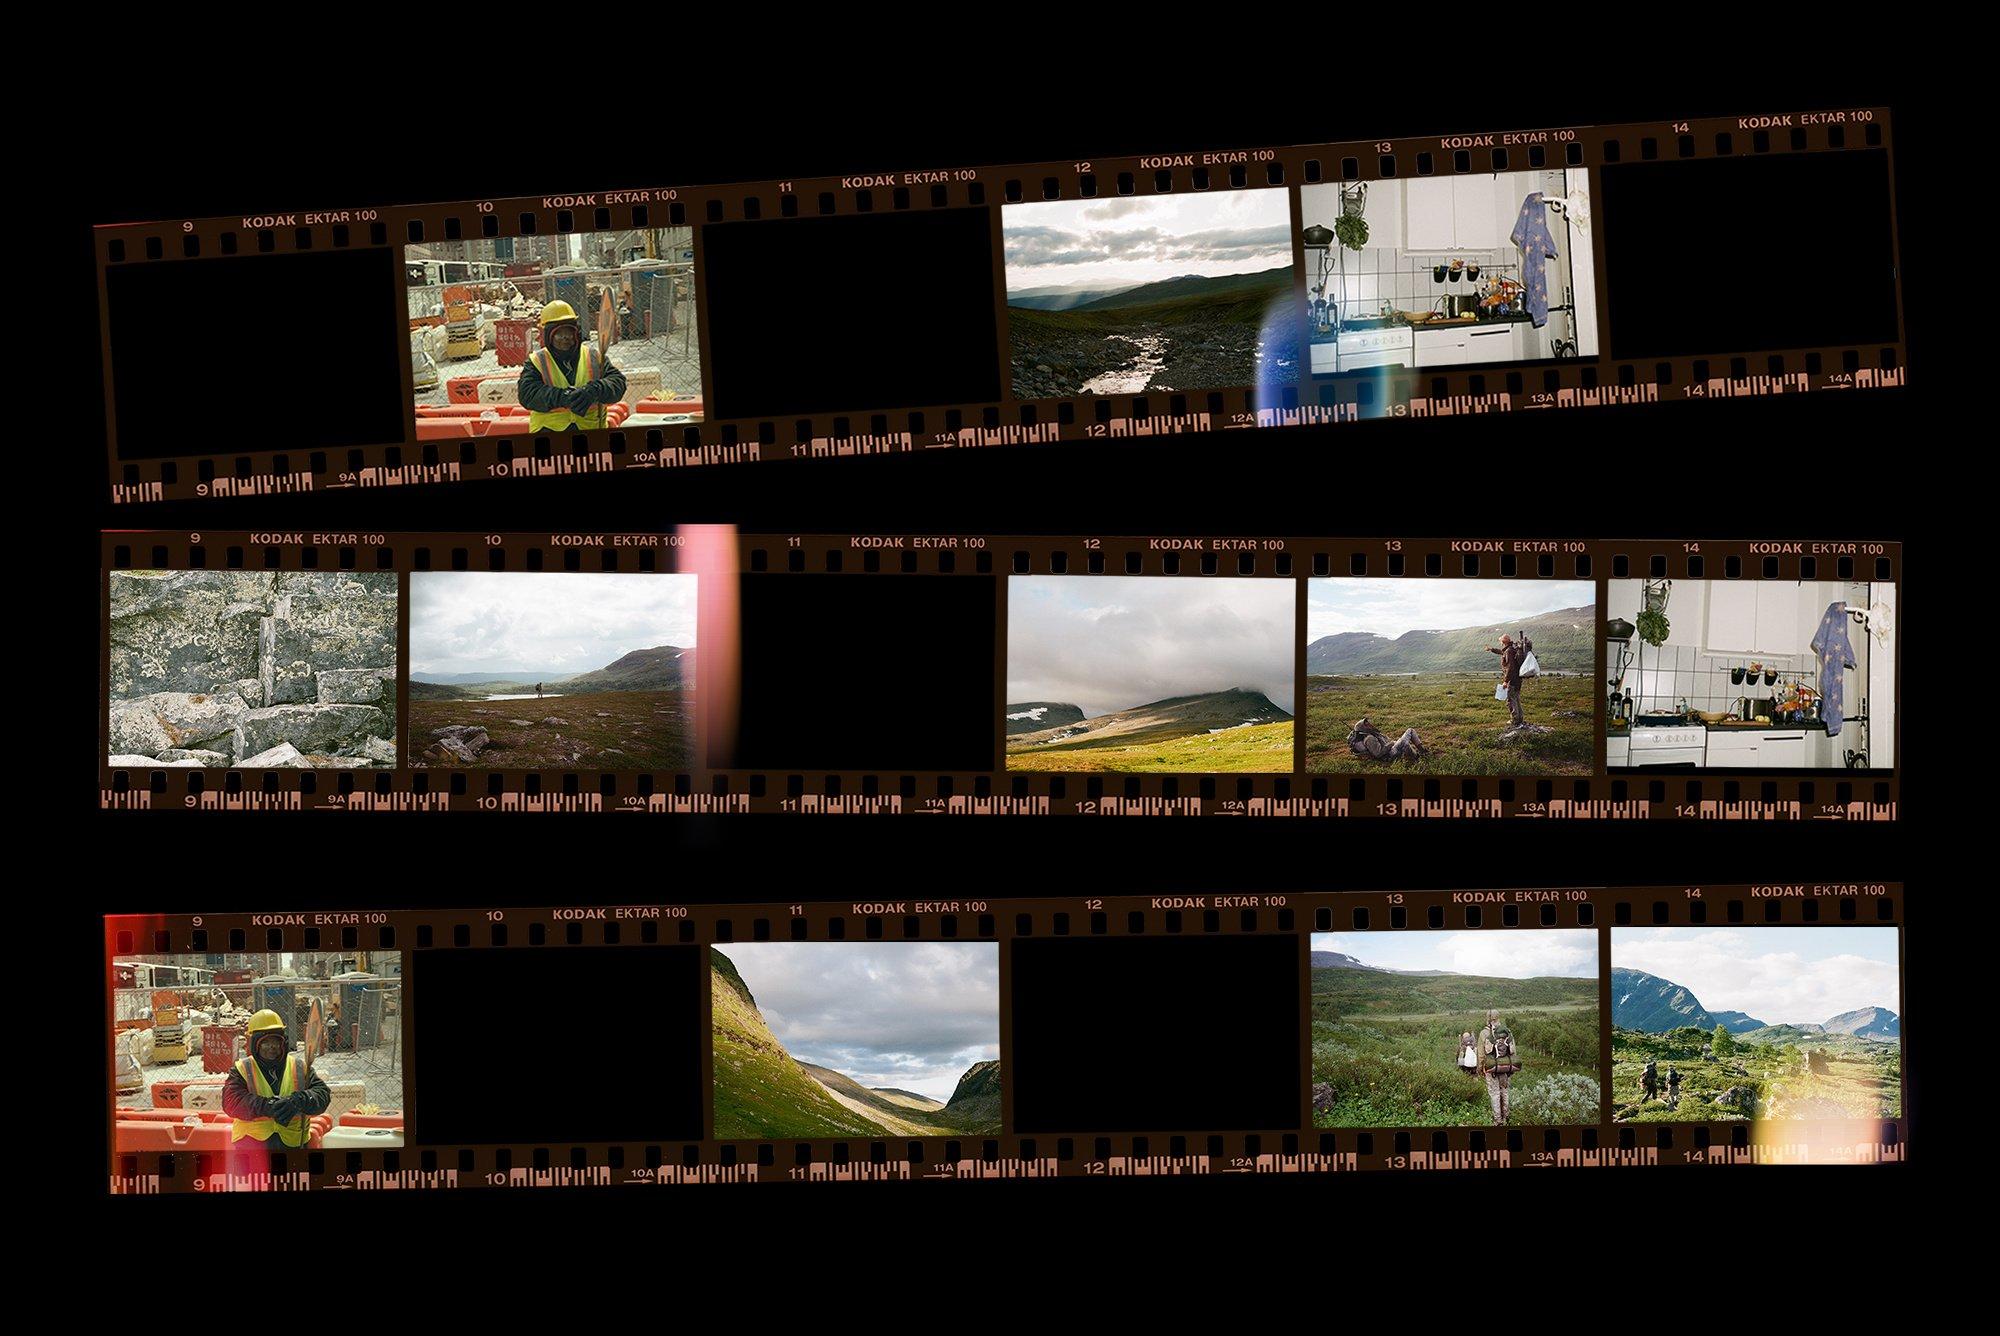 [淘宝购买] 潮流老式胶片胶卷边框图层叠加样机PS设计素材 Contact Sheet Film Roll Mockup插图(3)